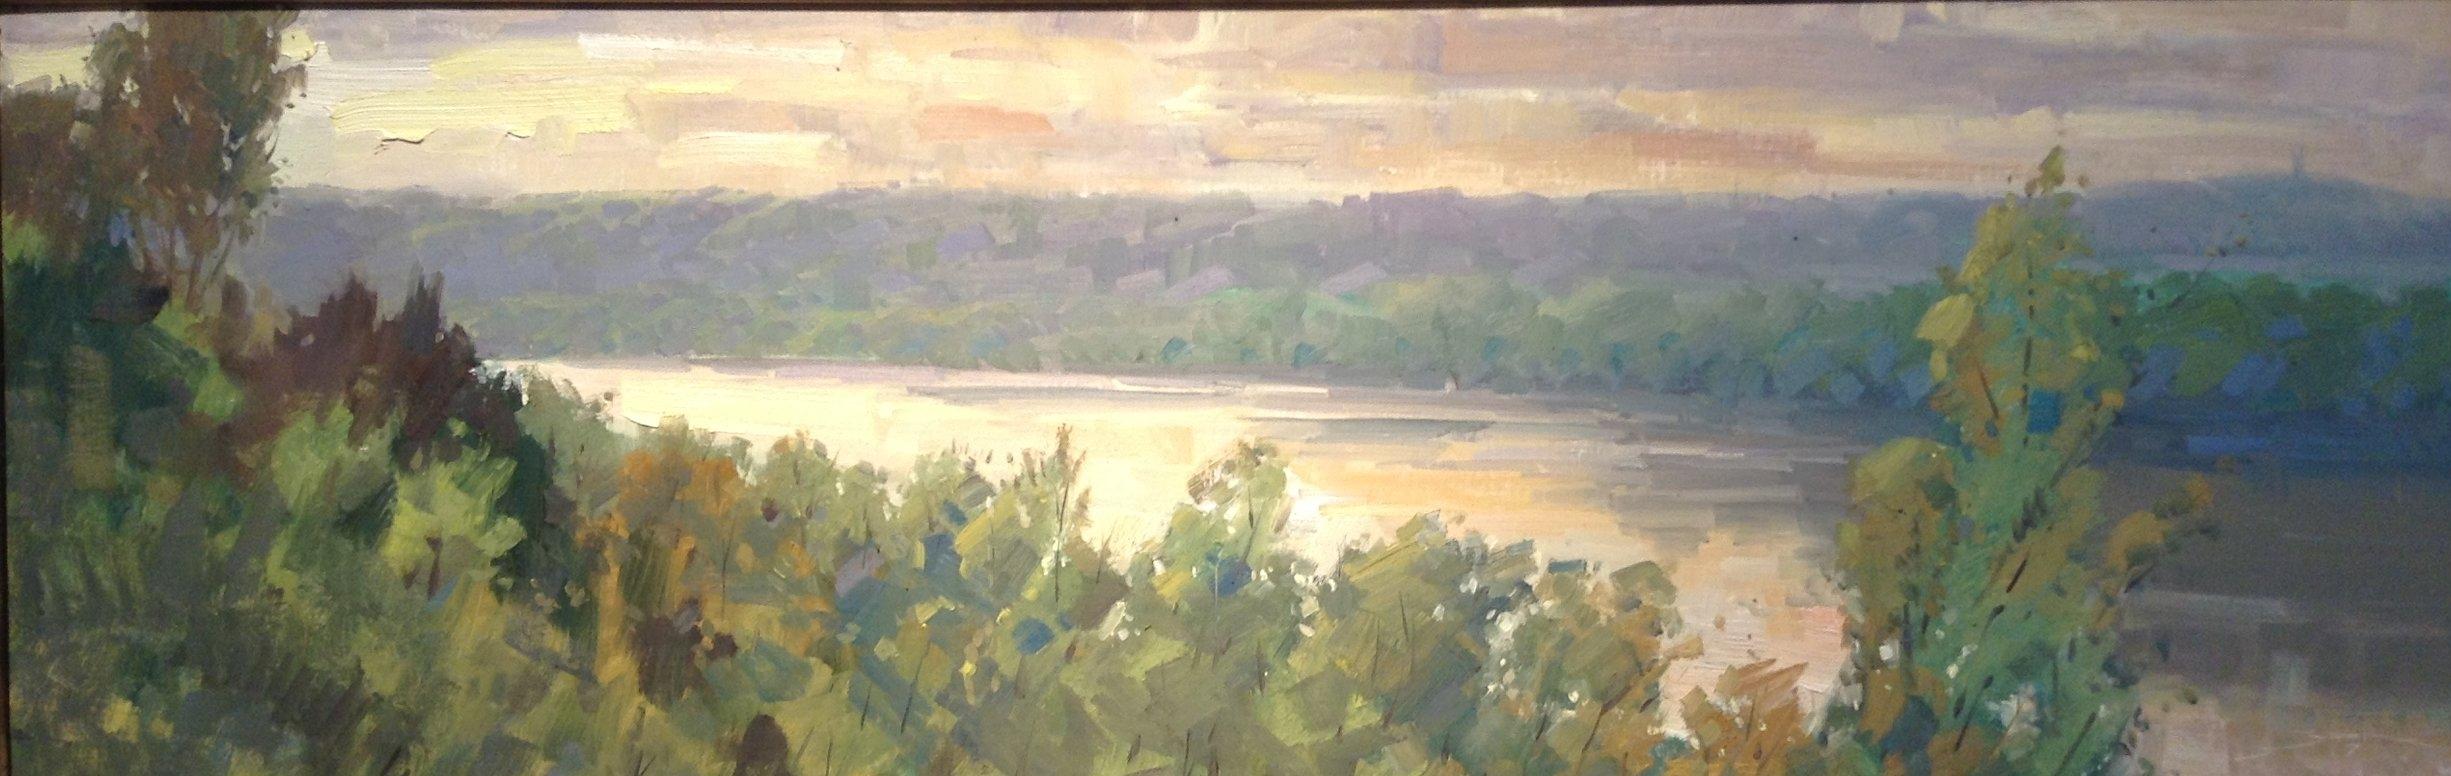 Sunrise on the Missouri